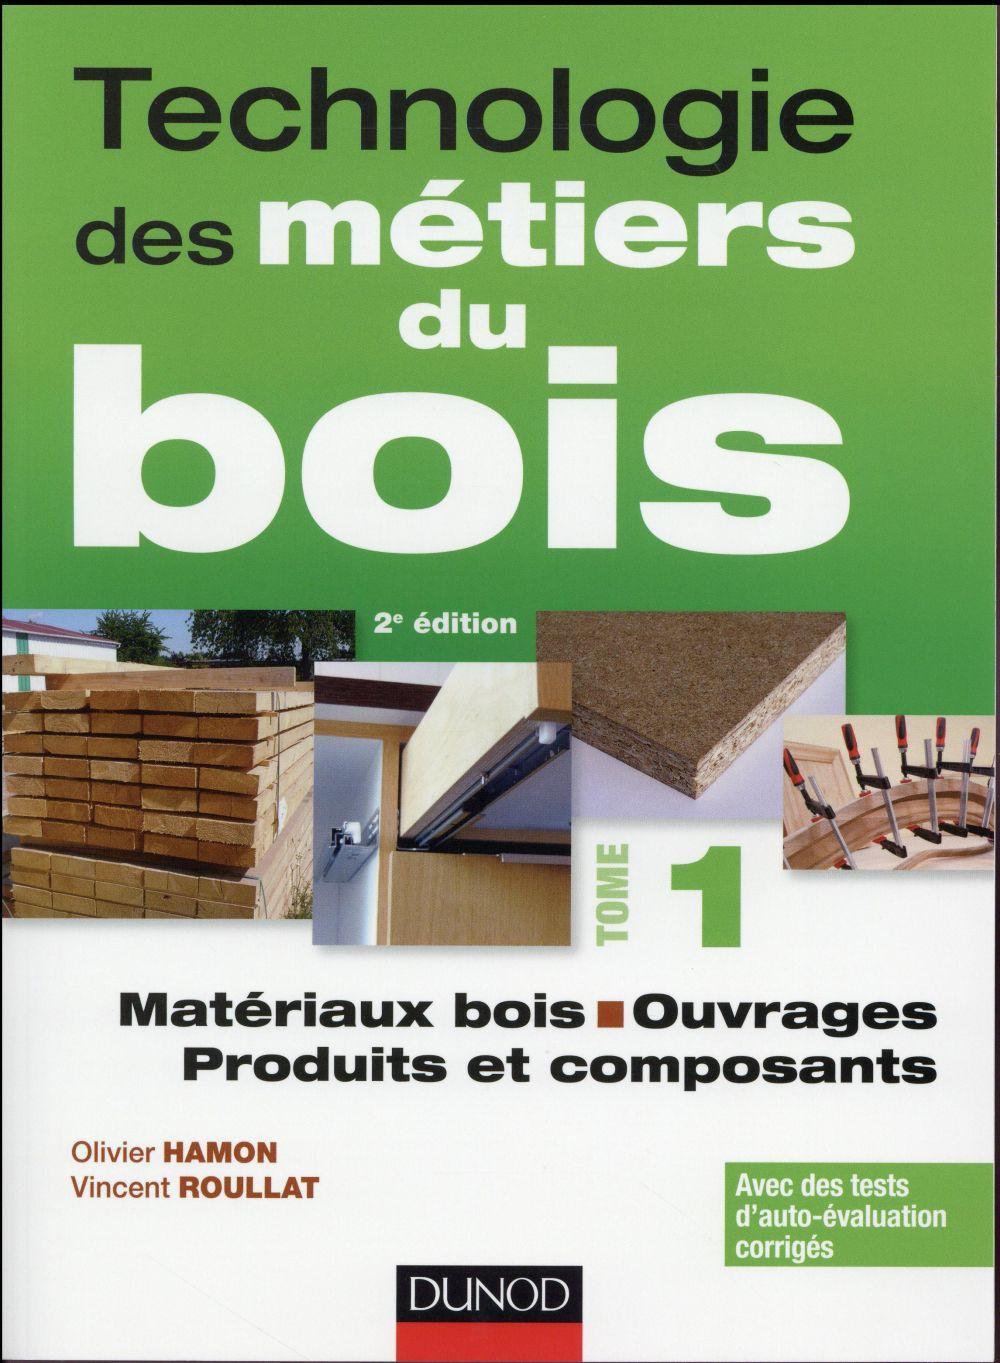 technologie des m tiers de bois t 1 mat riaux bois ouvrages produits et composants olivier. Black Bedroom Furniture Sets. Home Design Ideas